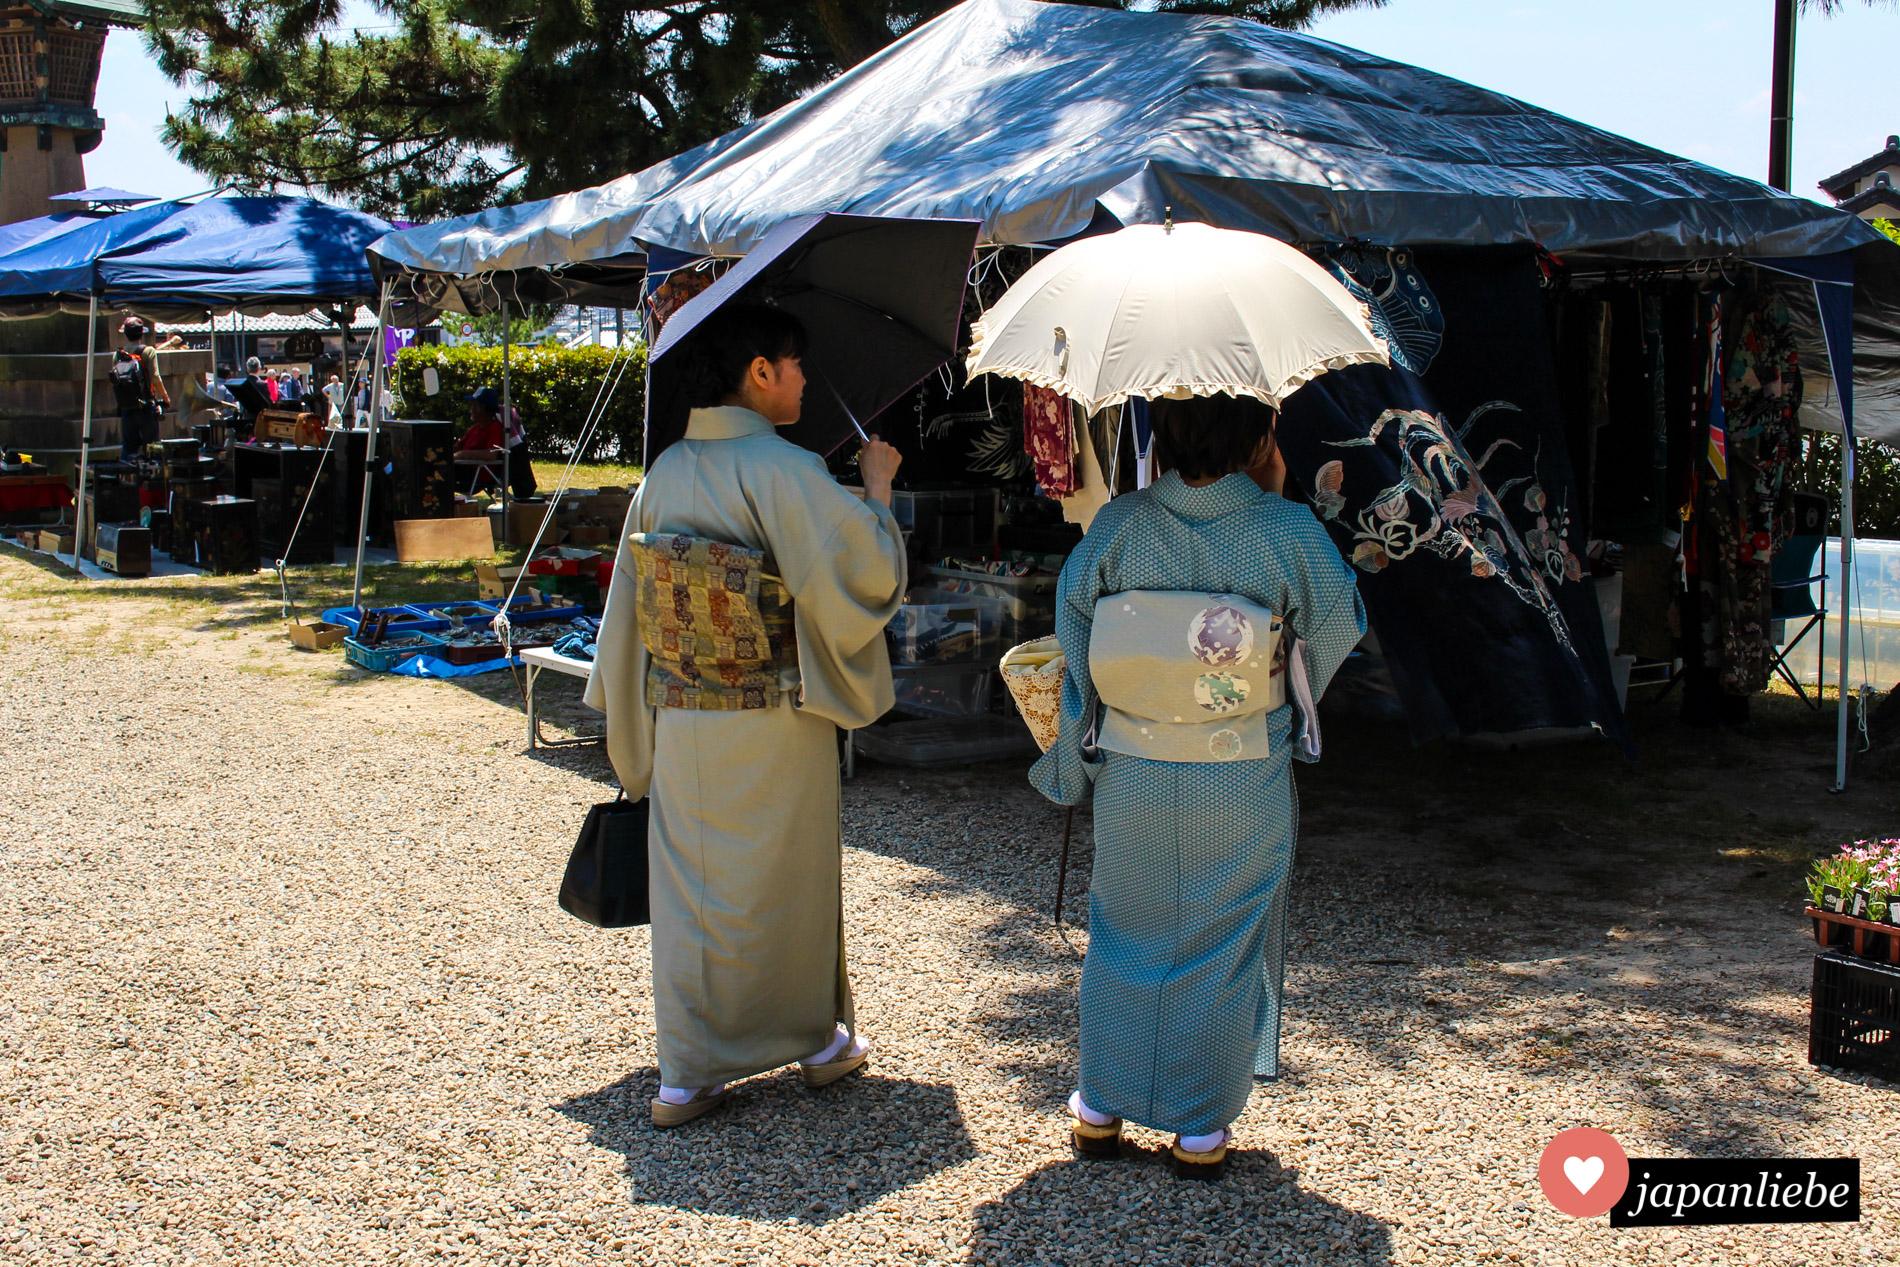 Zwei Japanerinnen schlendern in Kimonos über einen Flohmarkt am Izumo-taisha-Schrein.